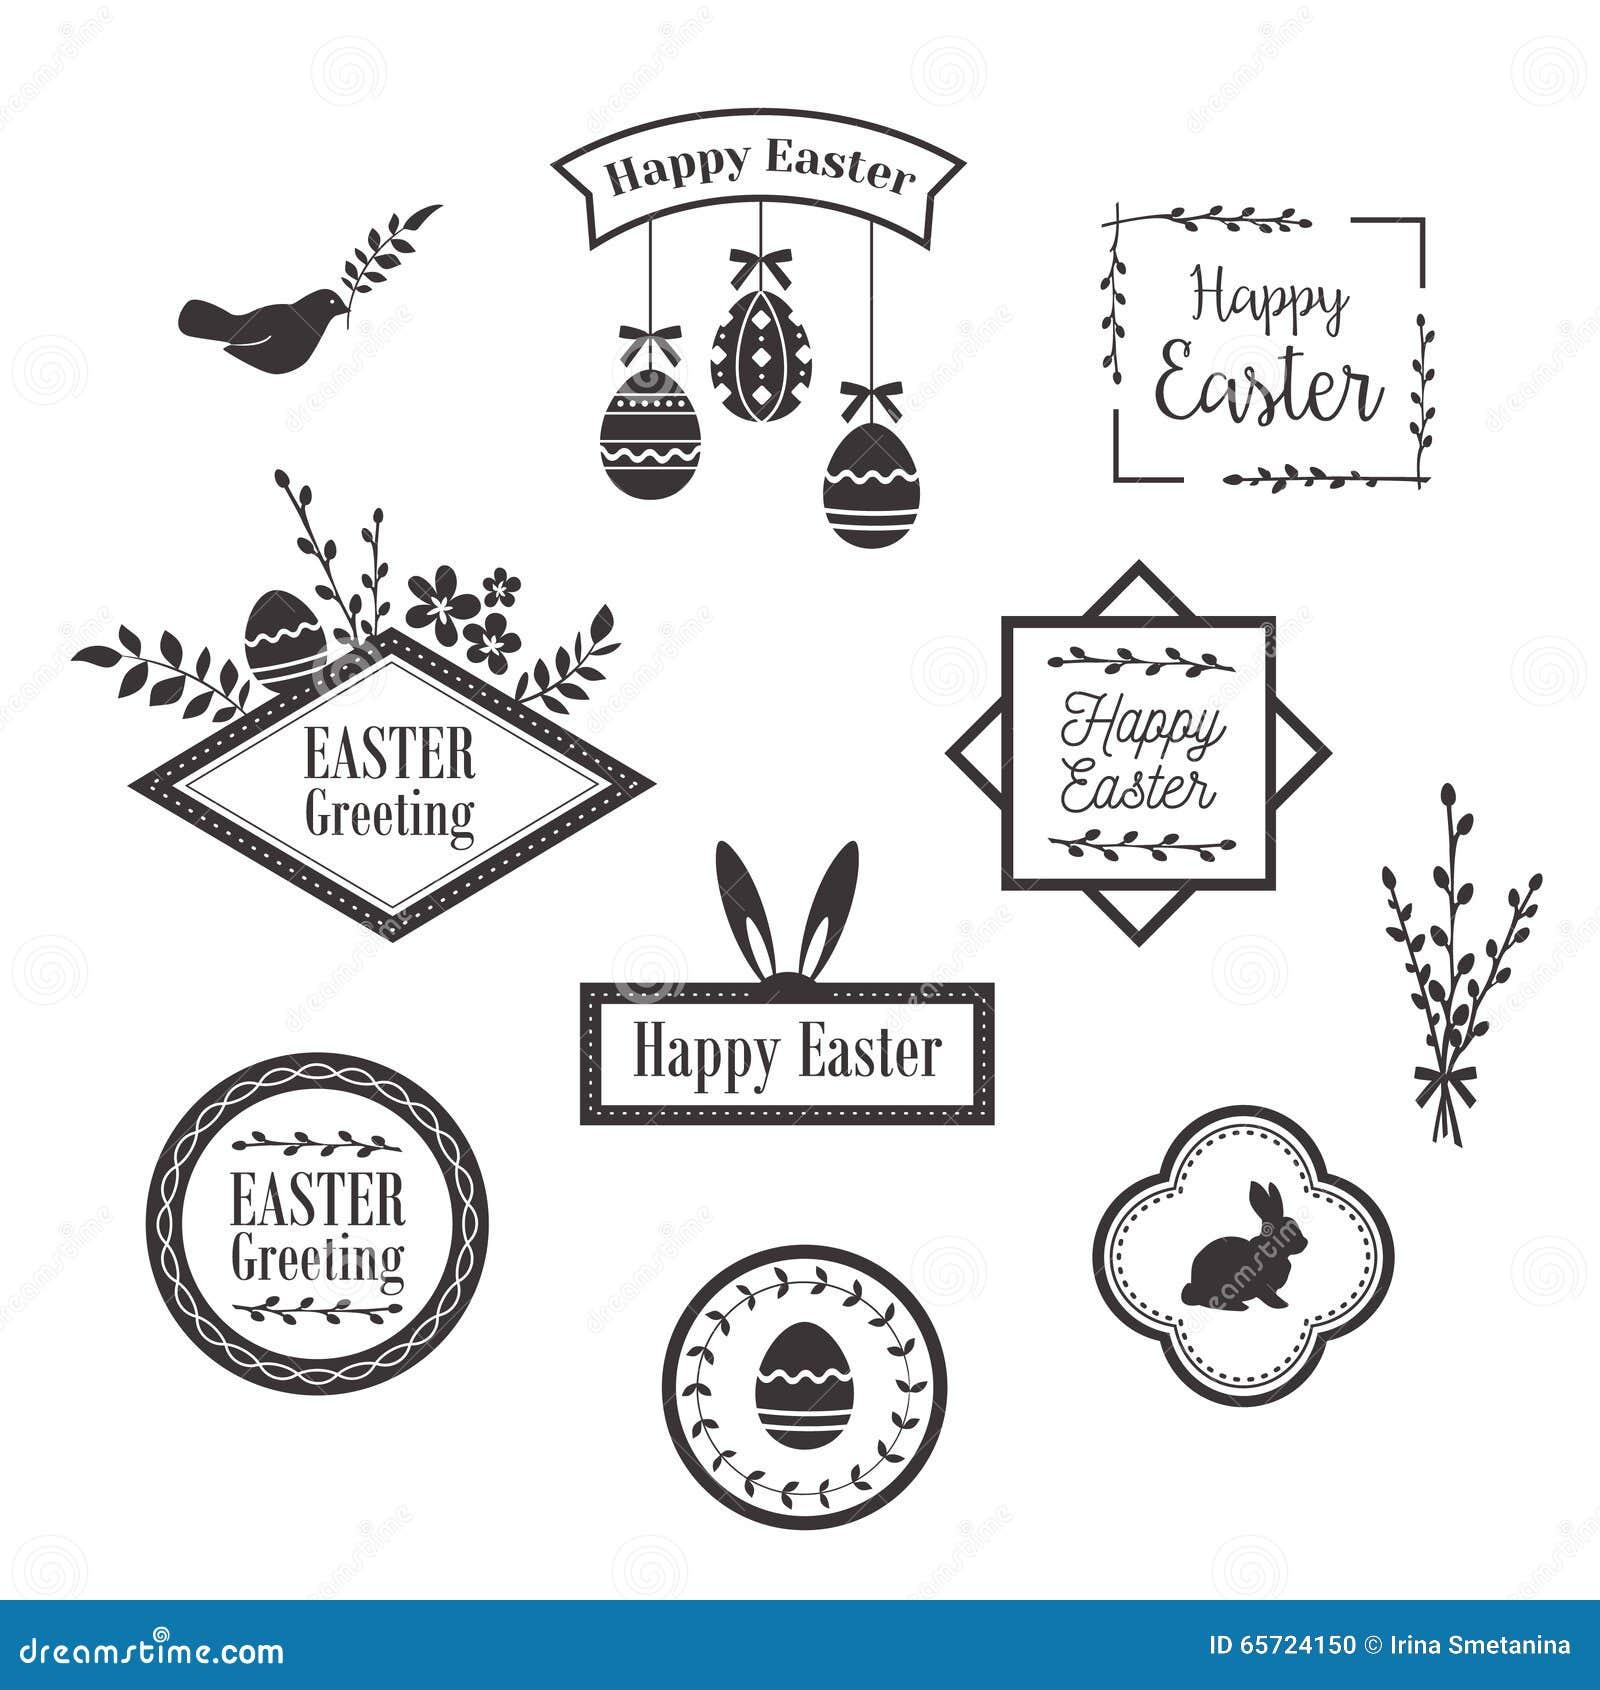 Glückliche Ostern-Schablonen, -ikonen, -aufkleber Mit Vögeln, -eier ...